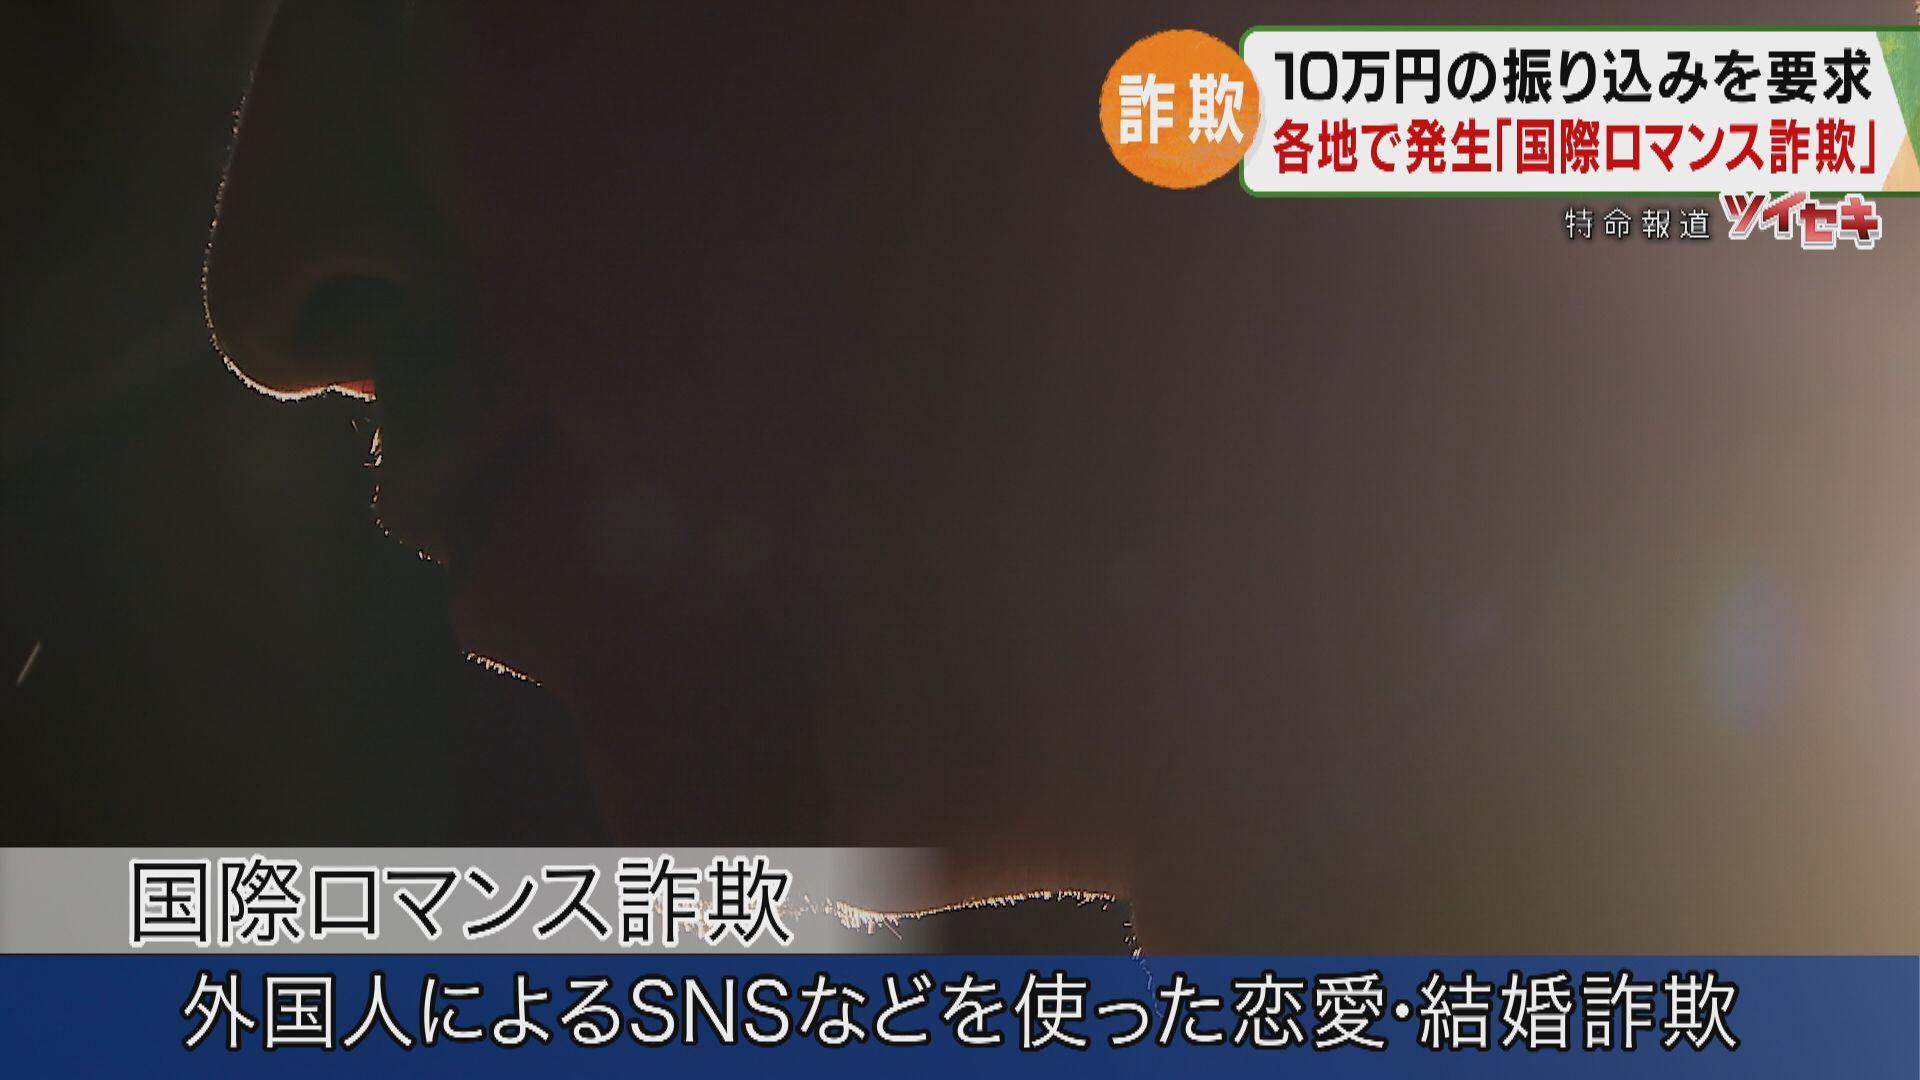 【特命報道ツイセキ】ドバイのイケメン皇太子から「愛のメッセージ」!?『会うために10万円振り込んで』国際ロマンス詐欺の一部始終を取材。